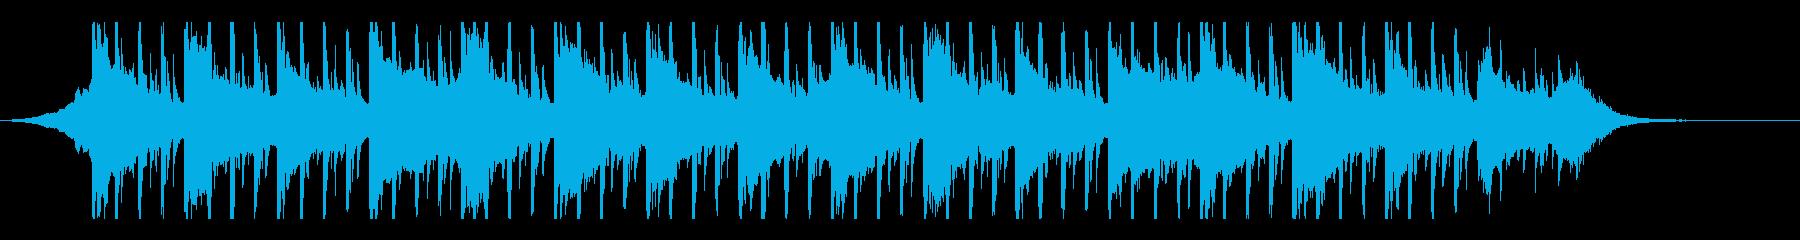 ミニマリズム(45秒)の再生済みの波形